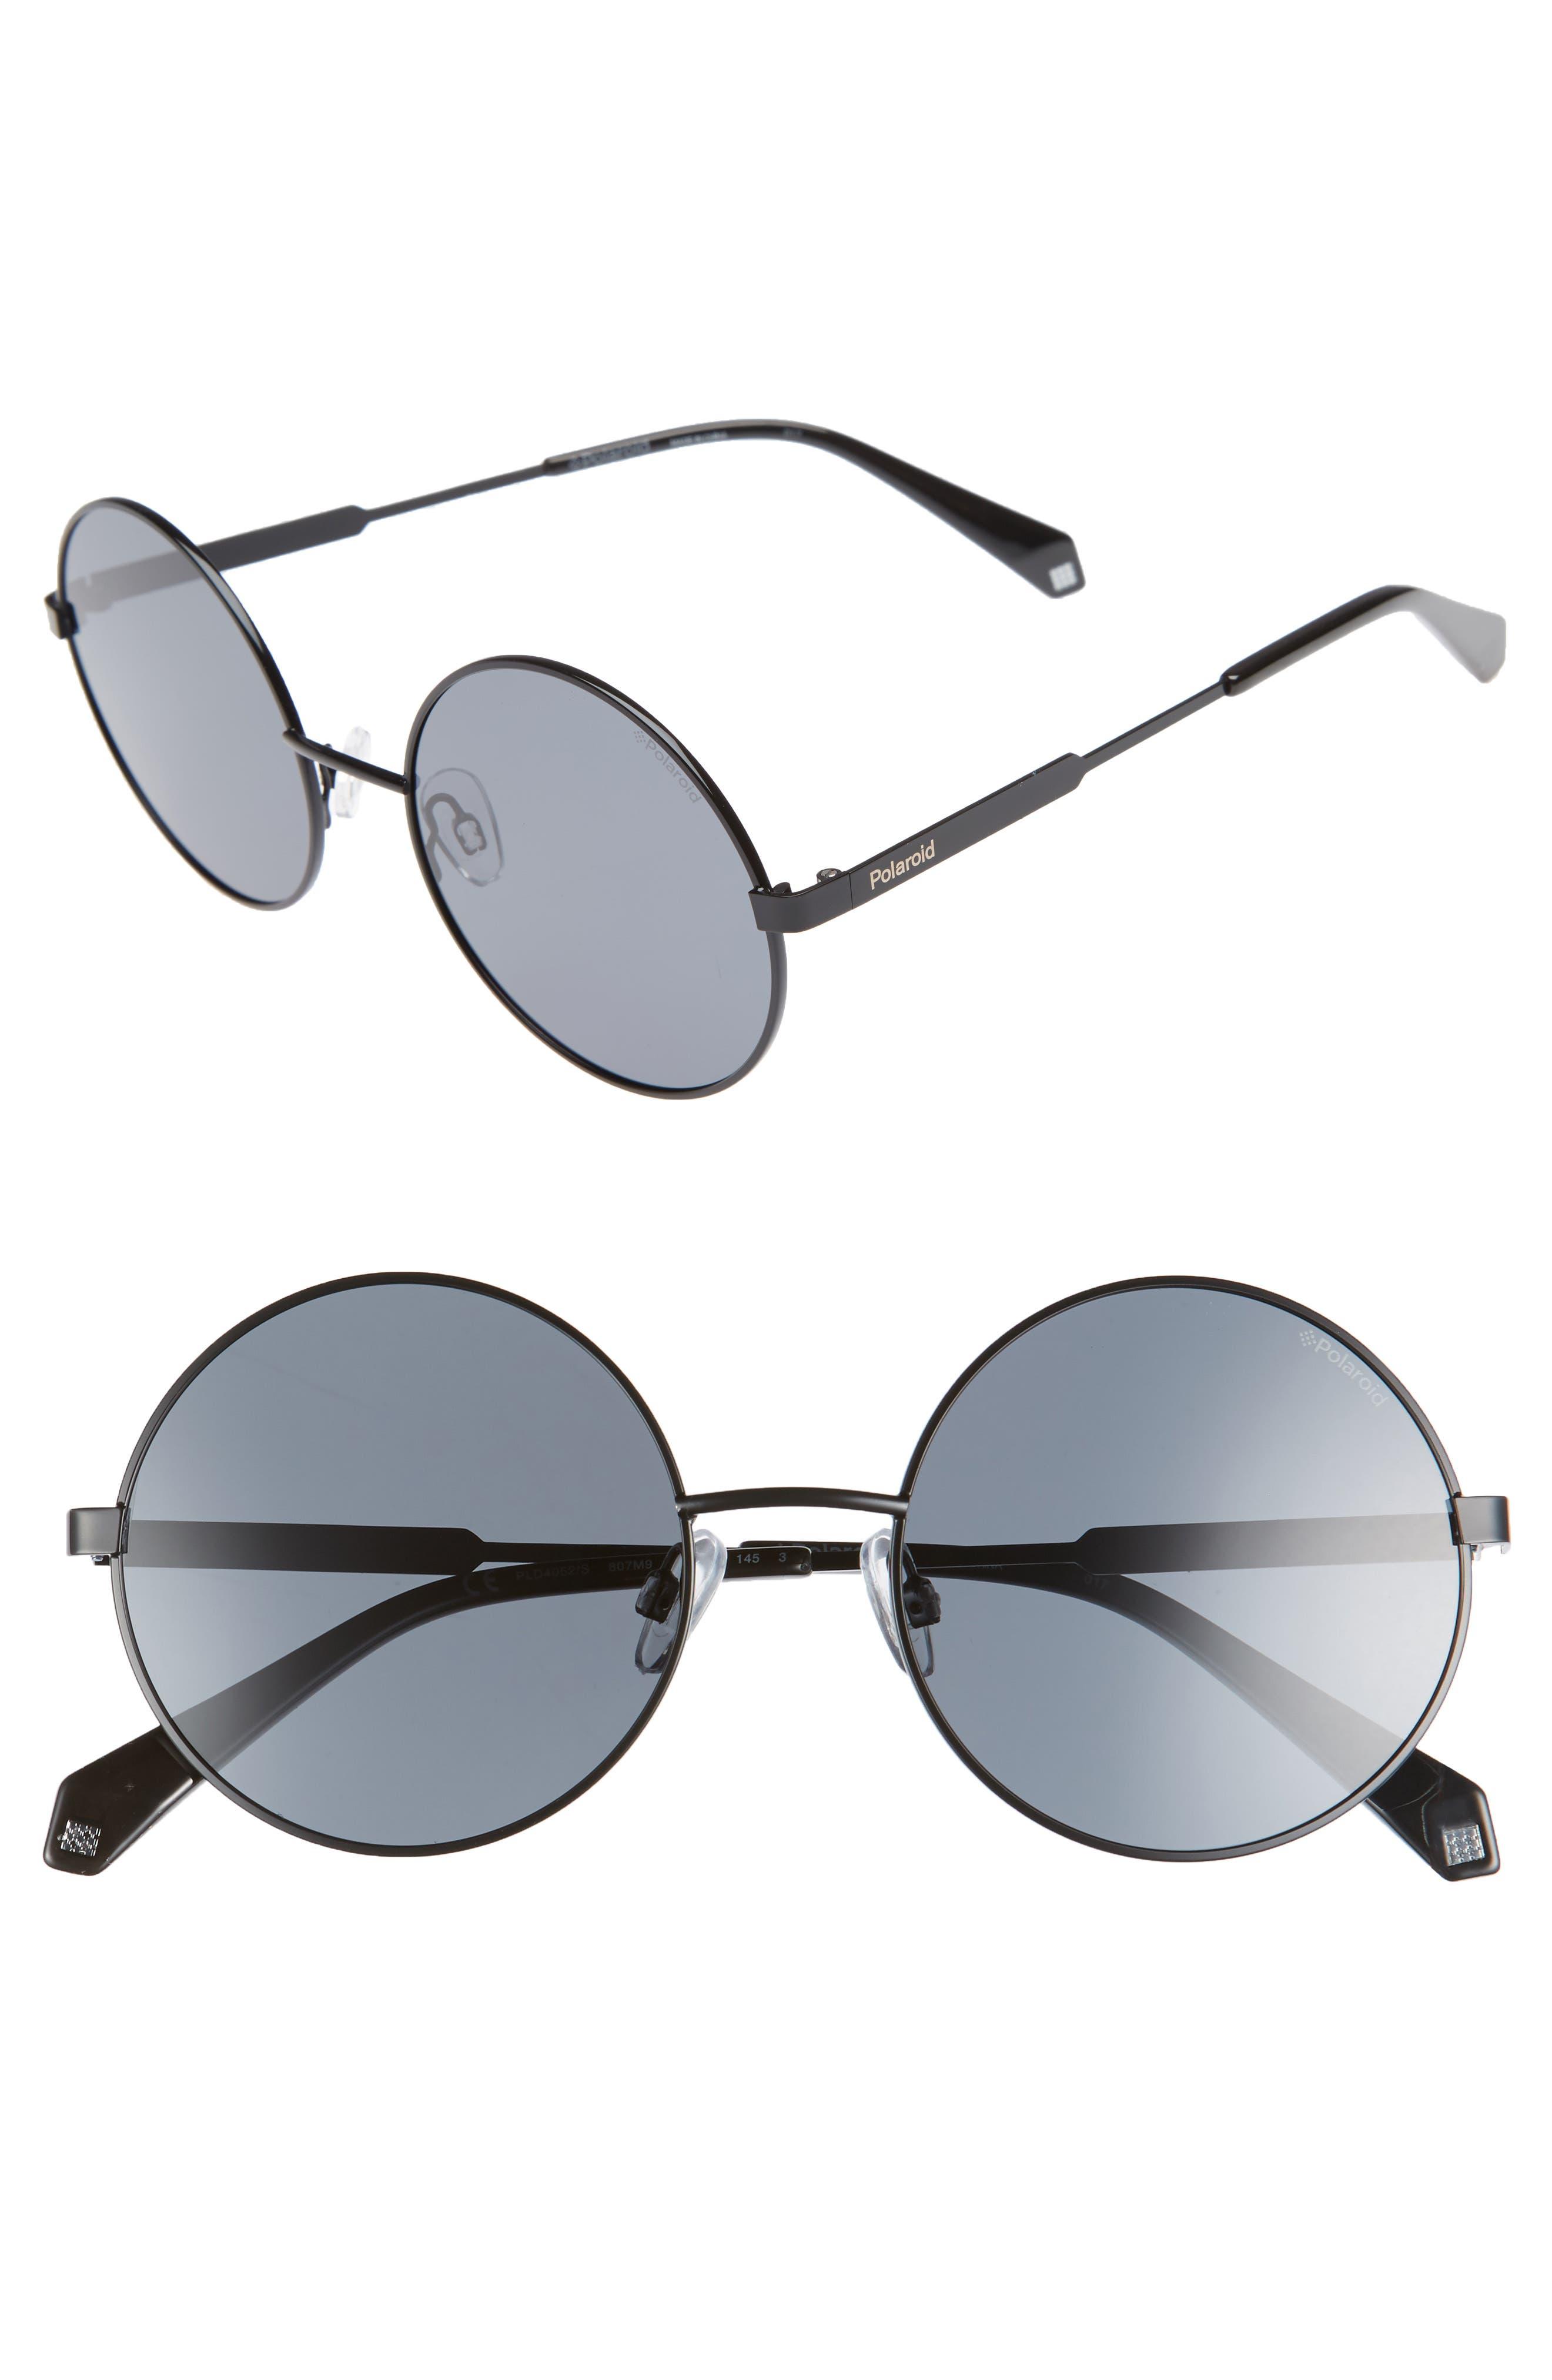 Alternate Image 1 Selected - Polaroid 55mm Polarized Round Sunglasses